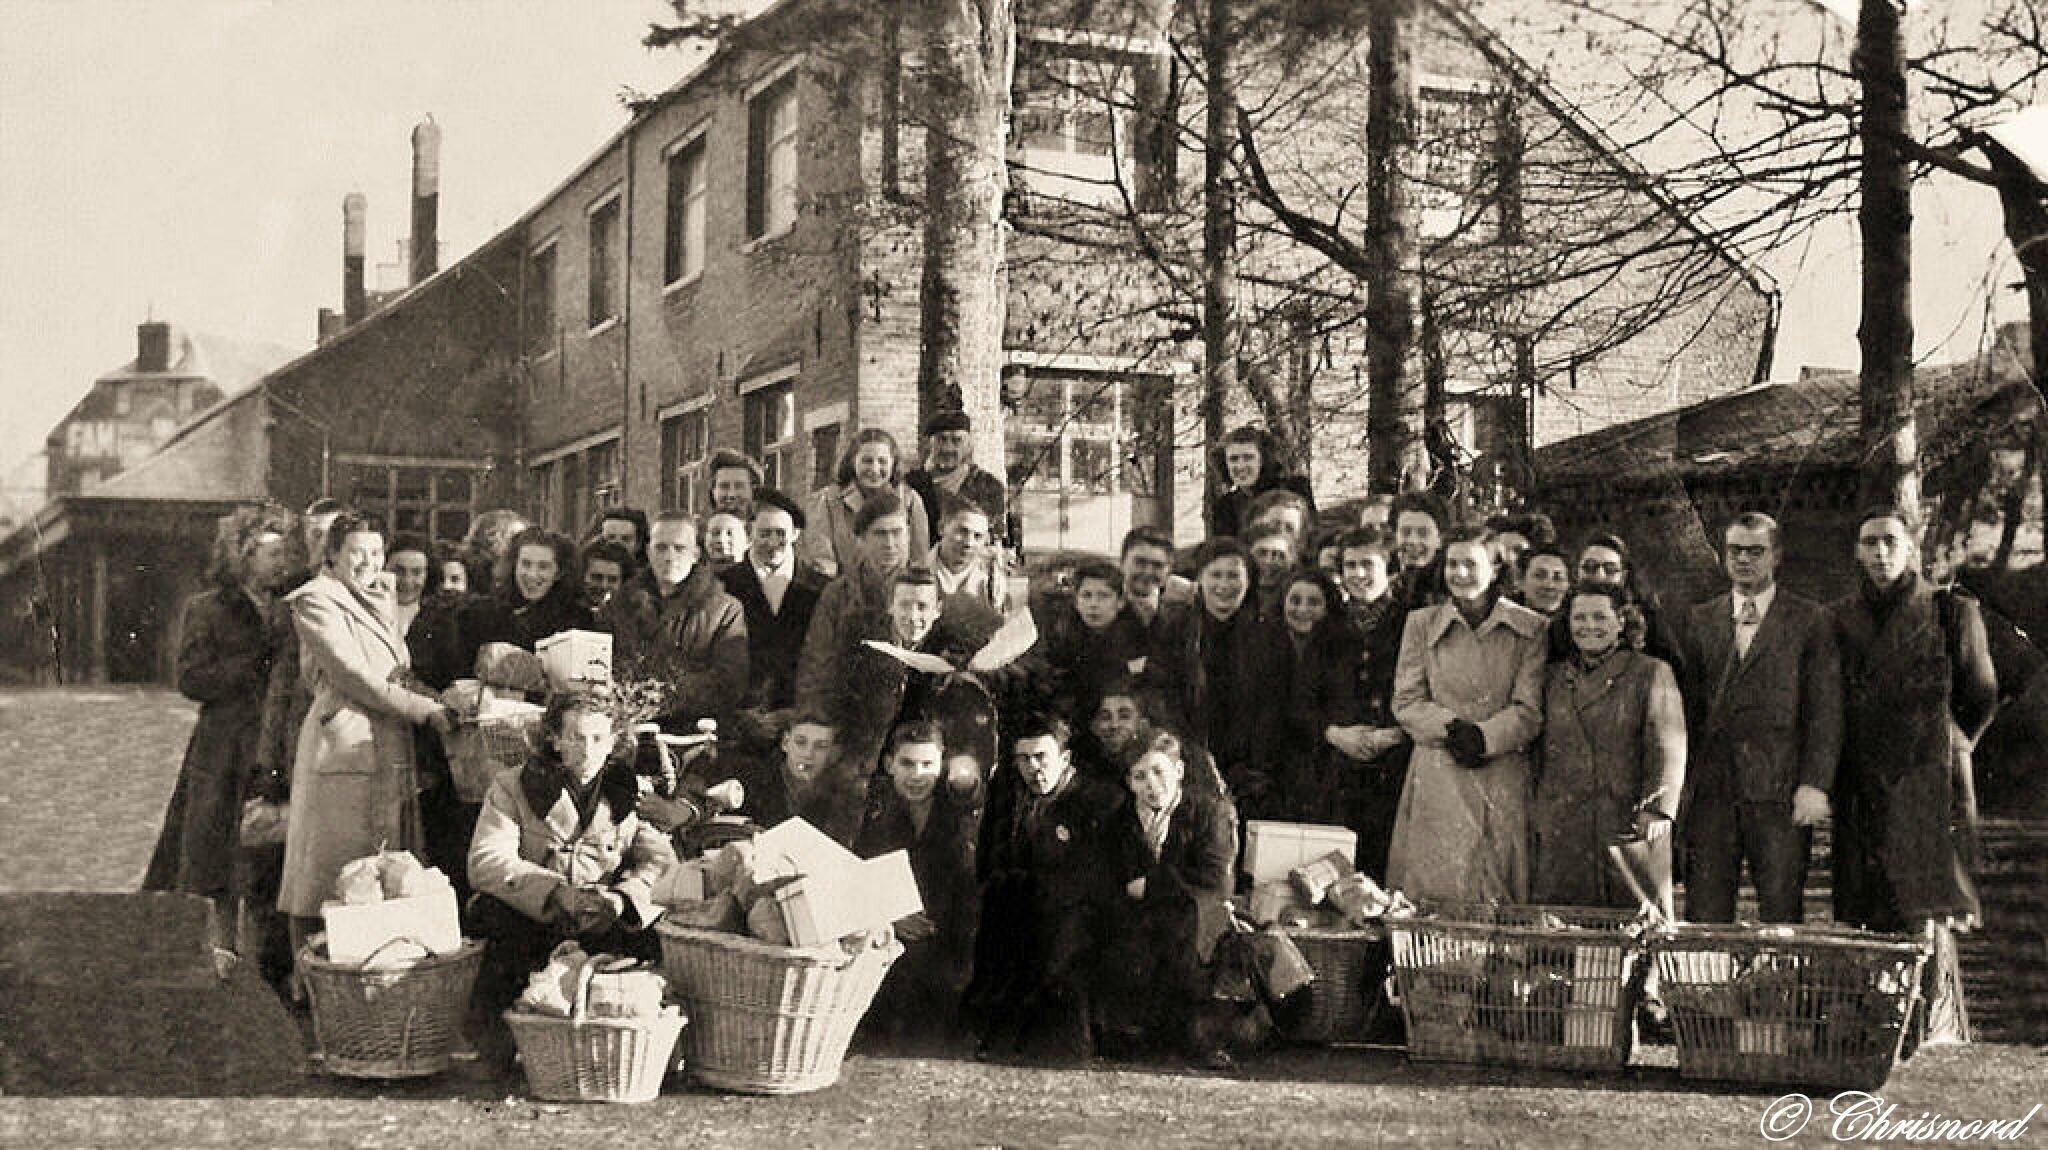 TRELON-Souvenir du premier Noël des Vieux en 1945